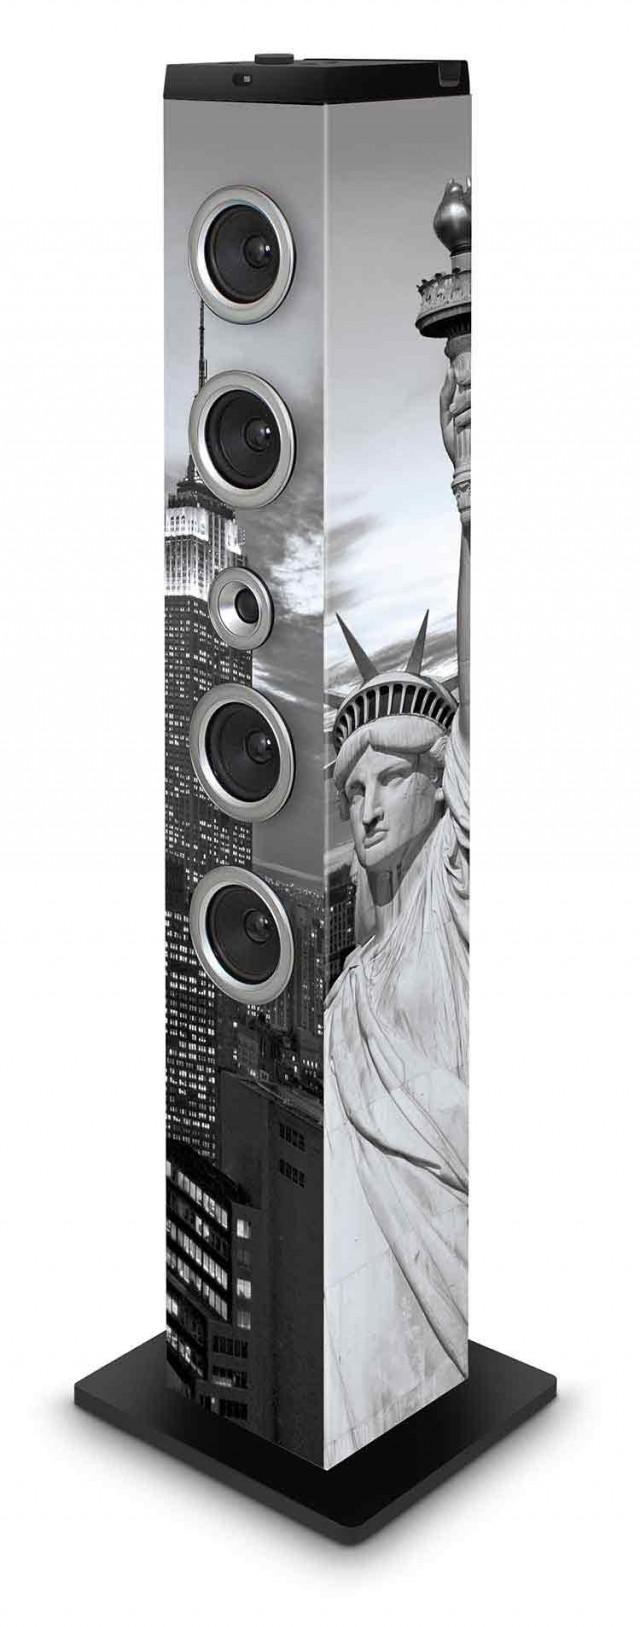 Multimedia Tower Liberty - Packshot